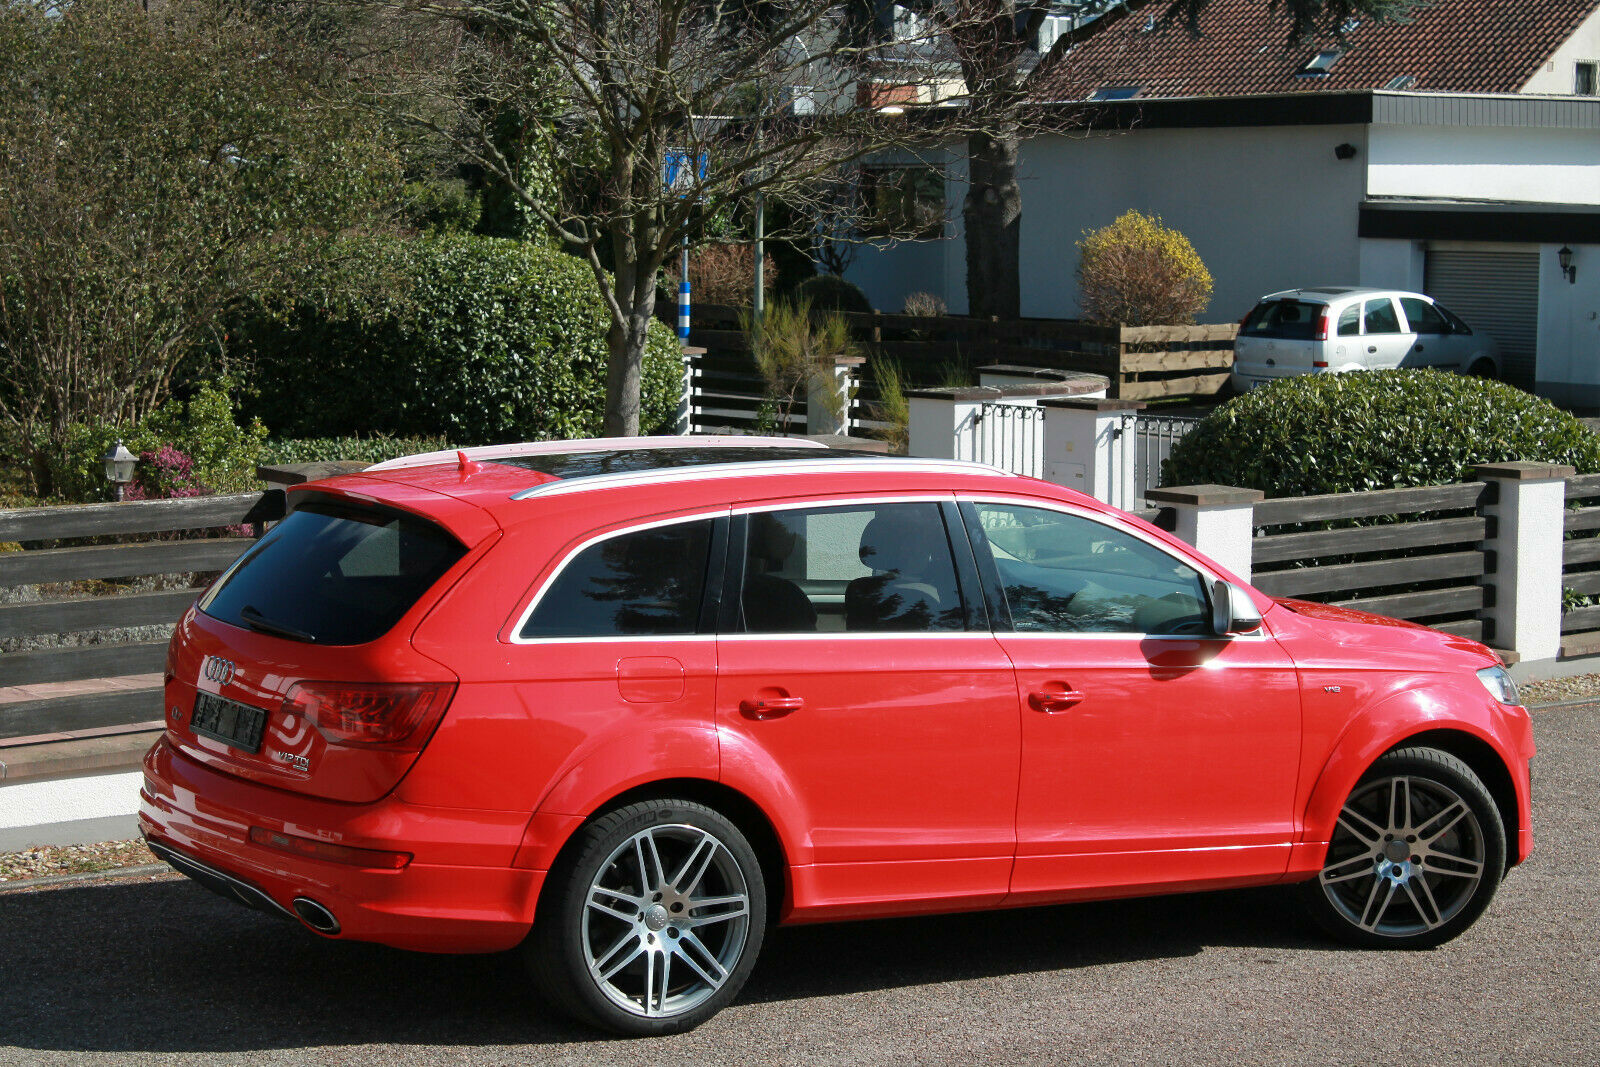 Audi Q7 V12 TDI prix de vente